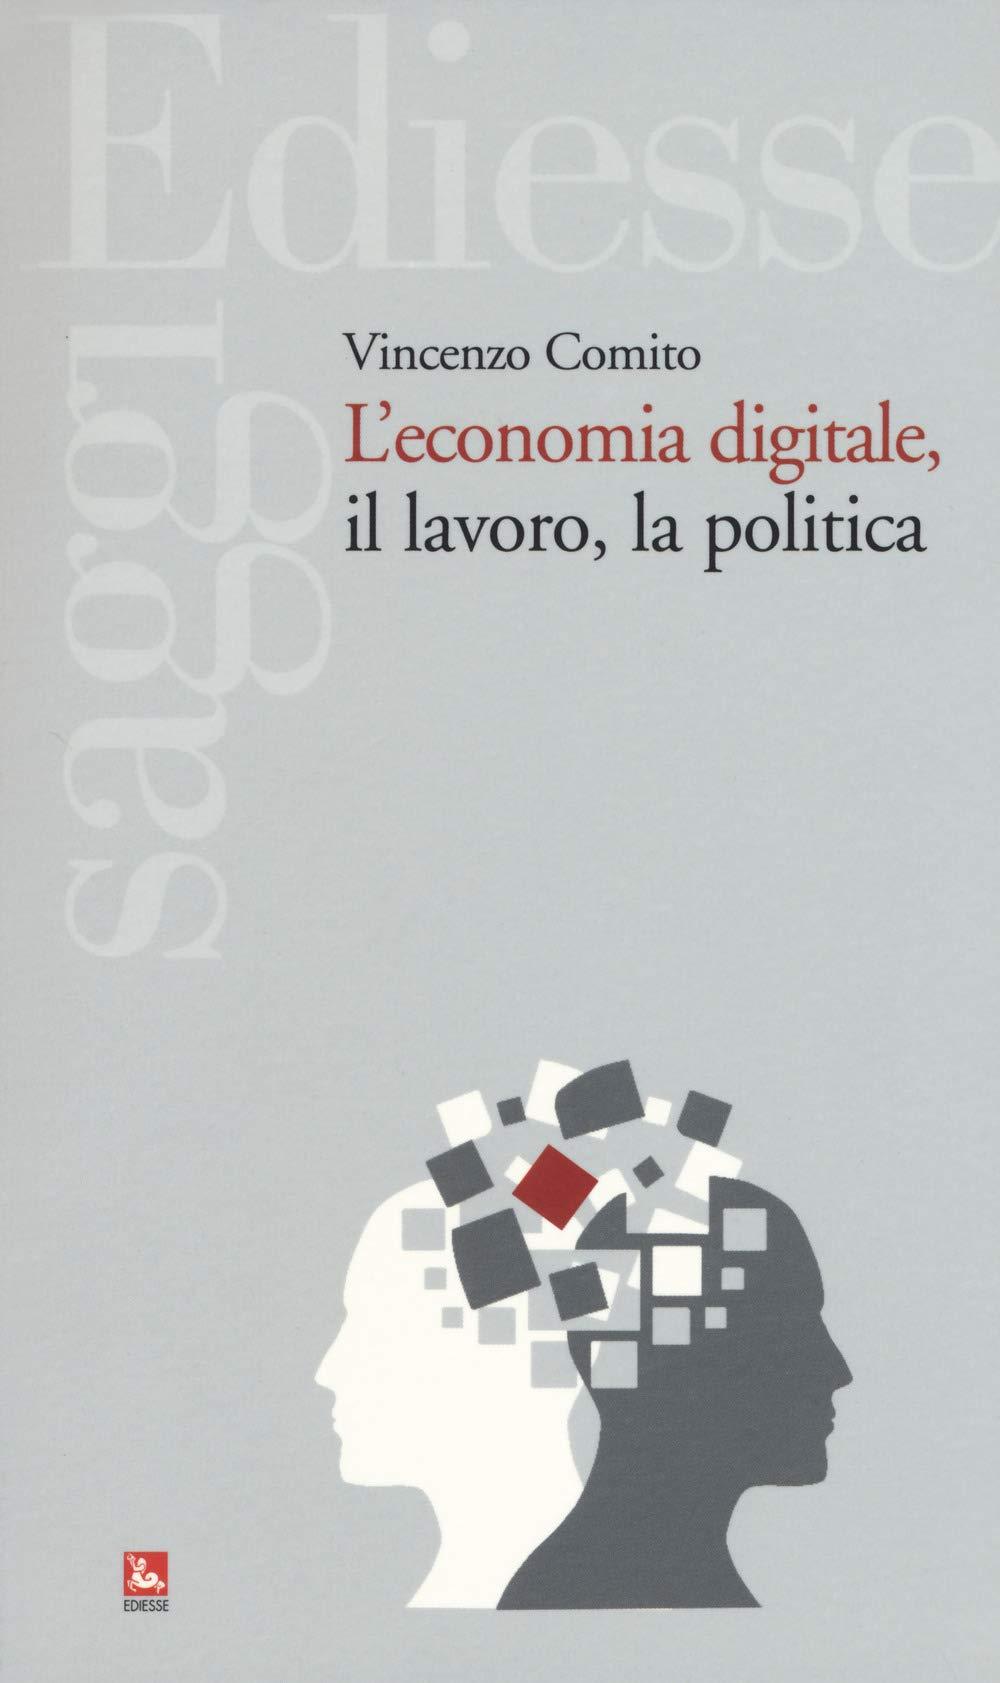 Vincenzo Comito: L'economia digitale, il lavoro, la politica